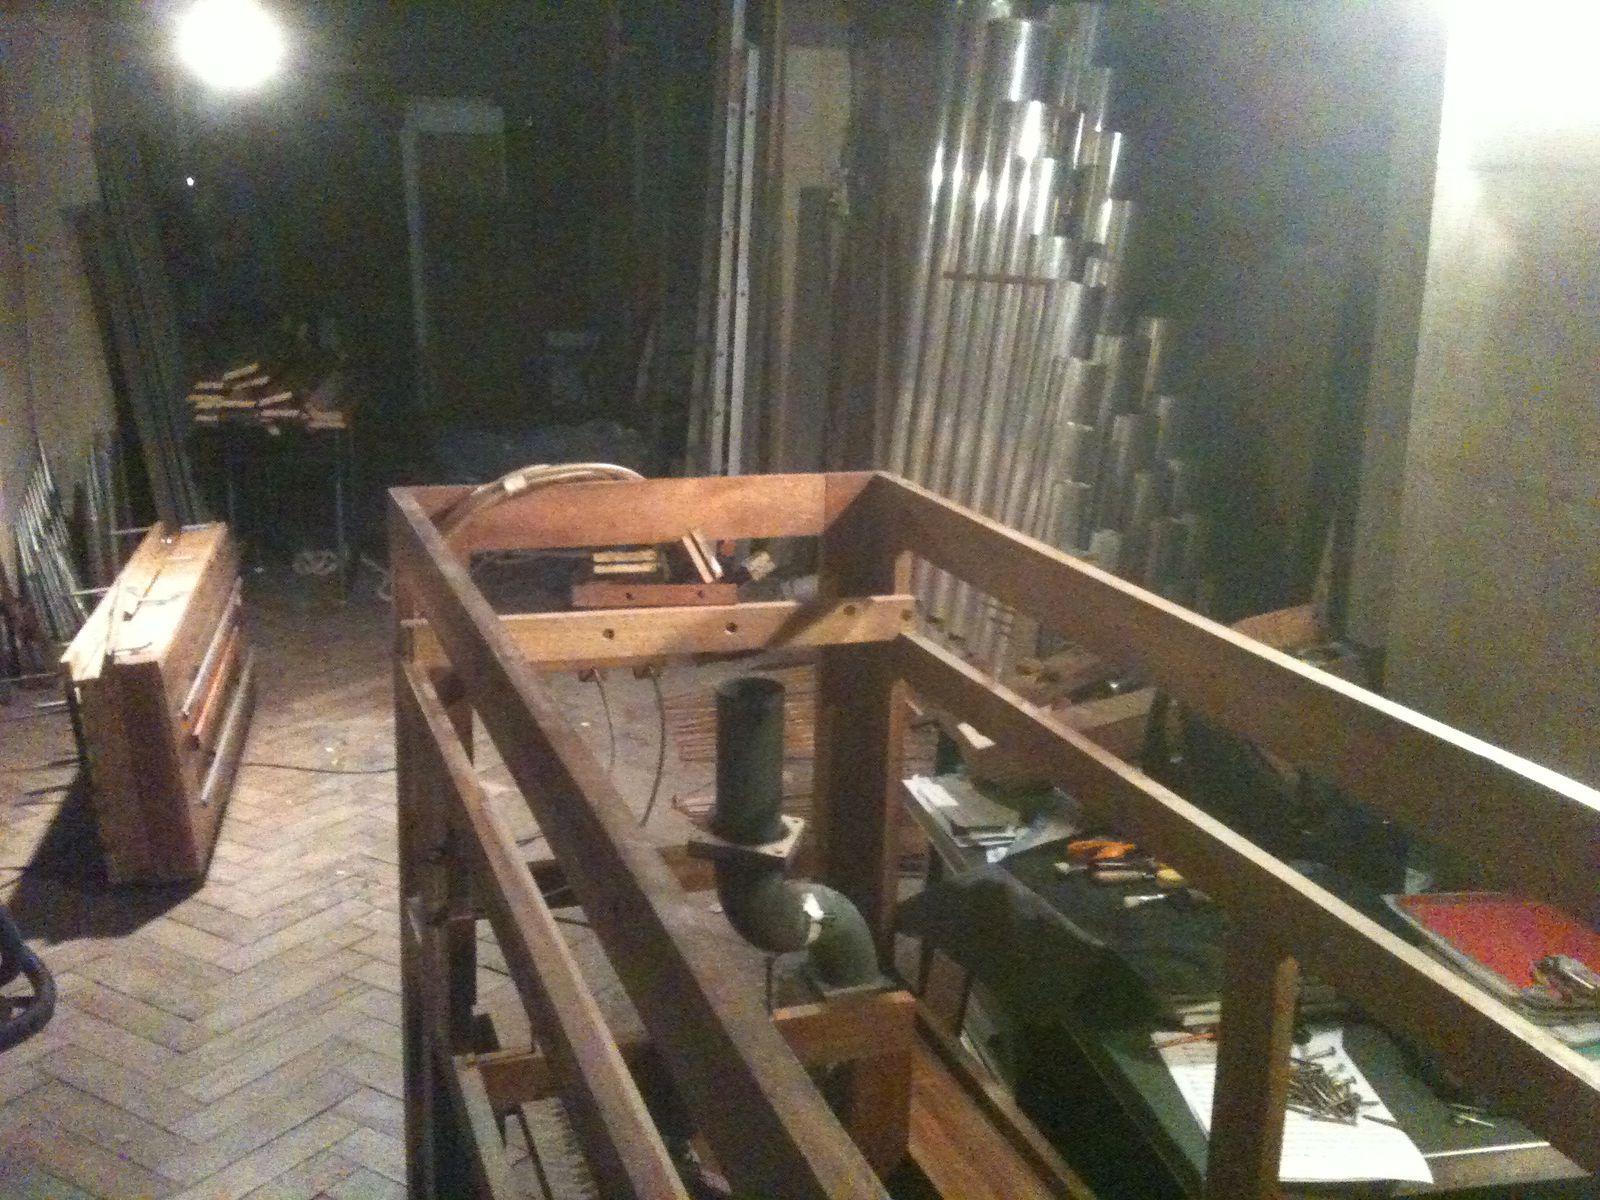 Quelques photos de l'orgue en pièces détachées.